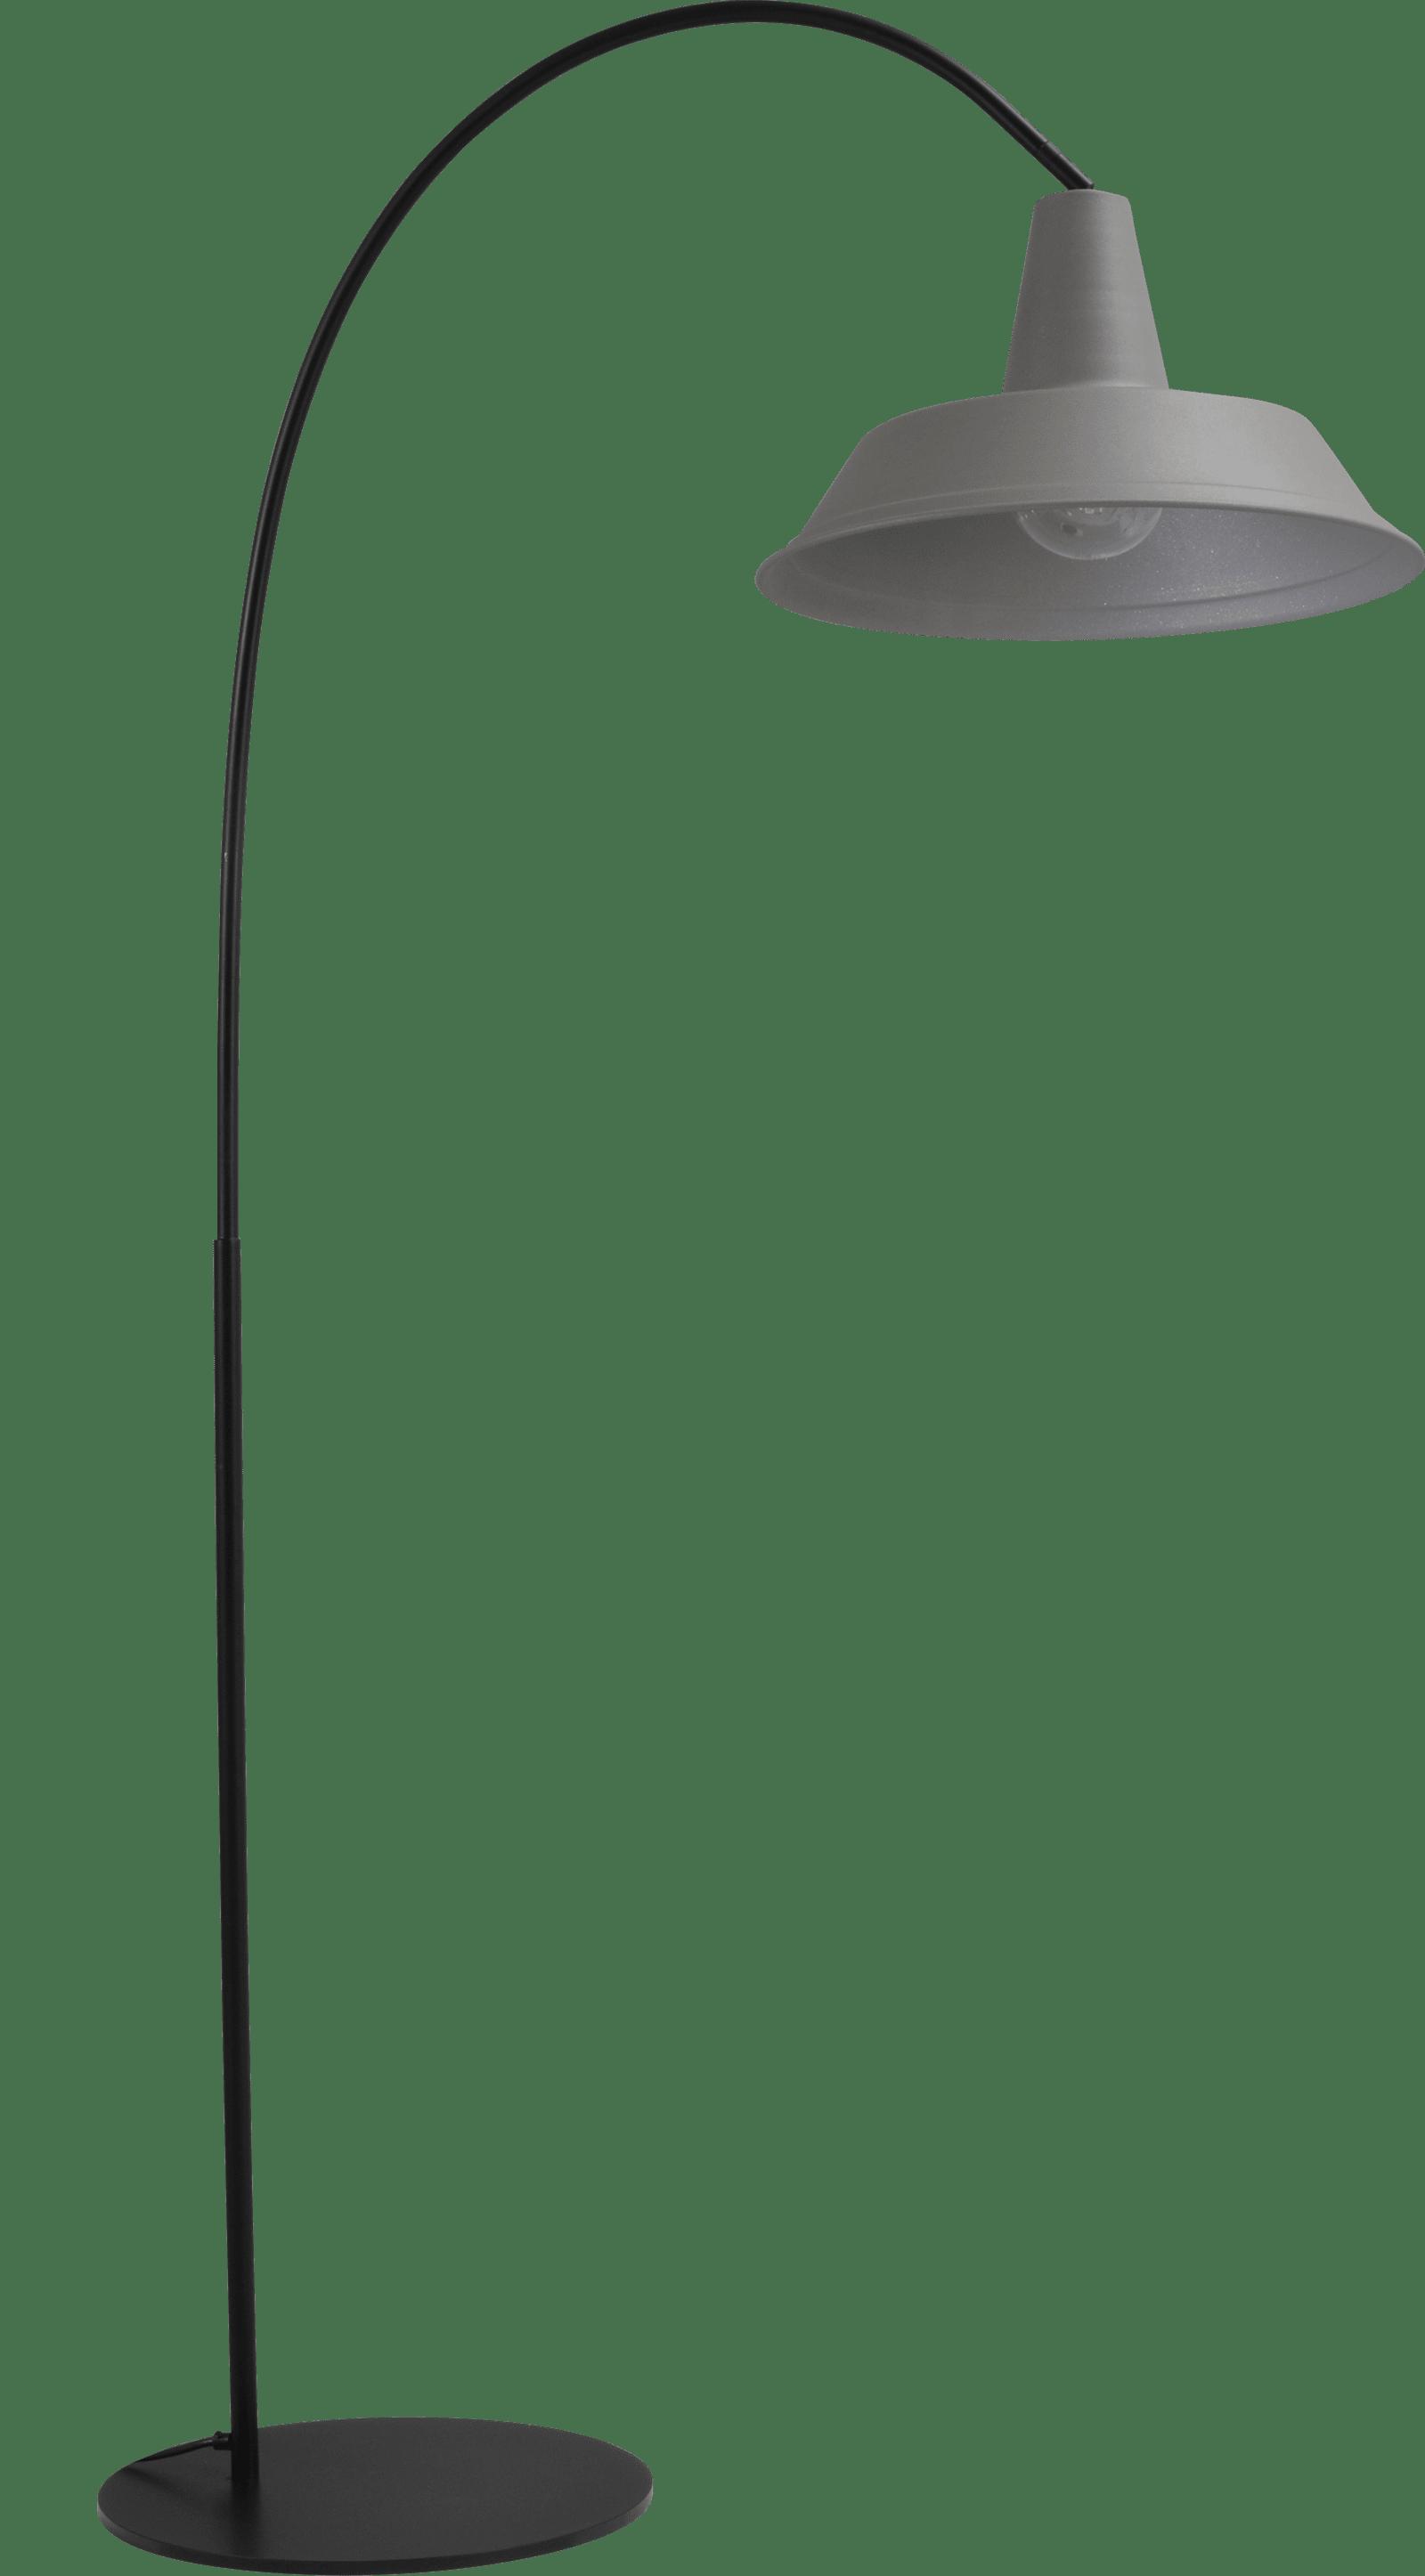 Prato VL PRATO ARCH BLACK H.186CM